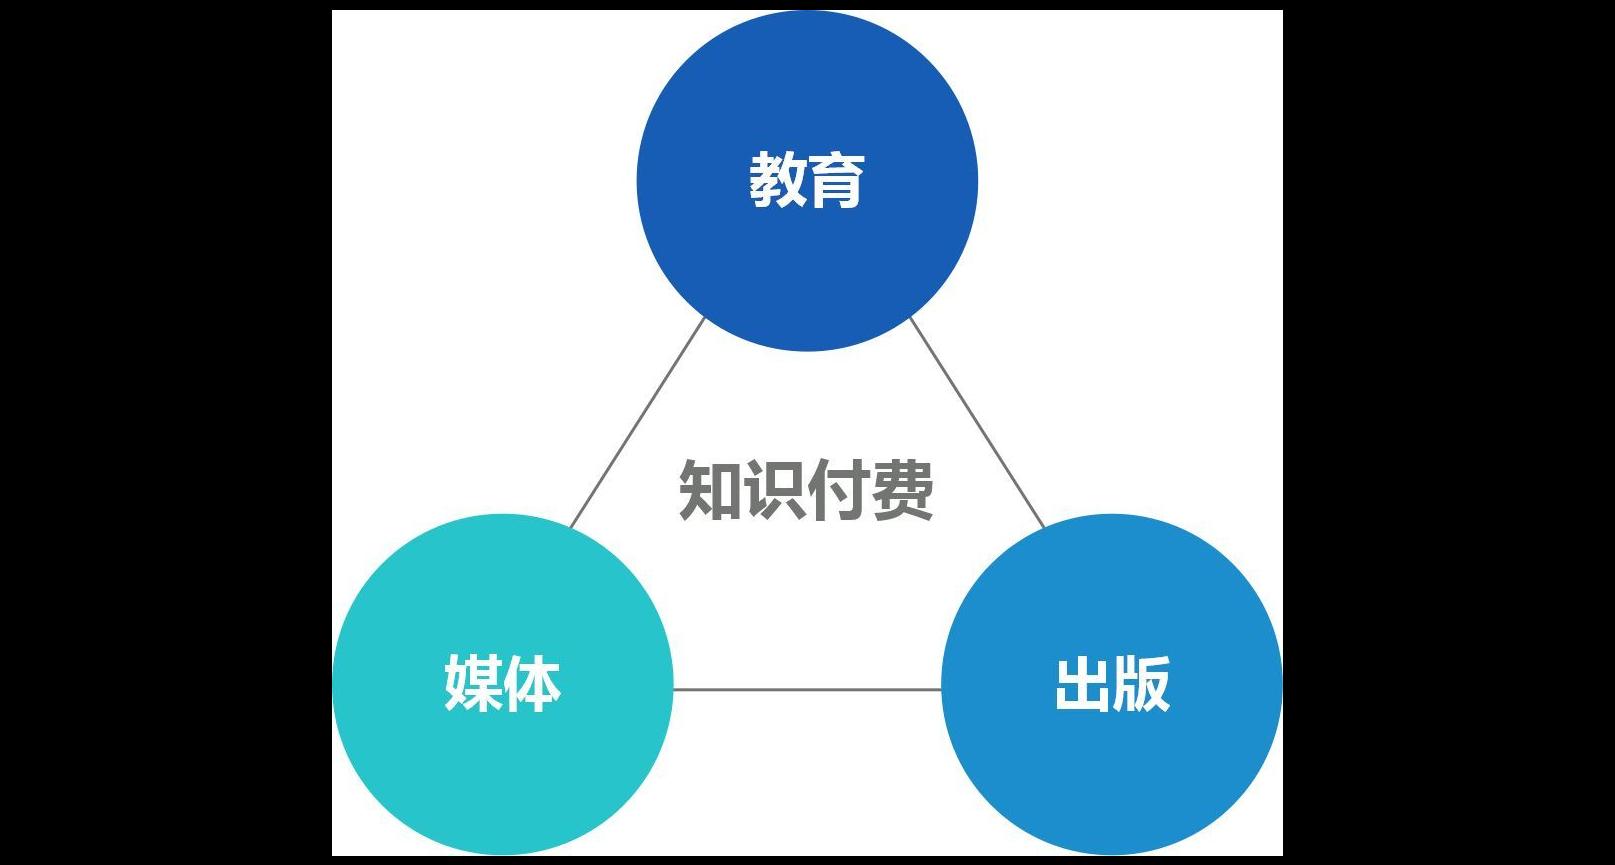 实际上,知识付费类产品同时扮演了教育、媒体和出版的三方角色。知识付费由于结合了跨行业的特点,内容创作者通过各类知识付费平台,可以一站式地完成内容生产、内容发布、获取收益三个步骤,相比传统的三个行业,产业路径、商业链条都要短得多,发展和规模扩大的速度也快得多。 无论是教育、媒体、还是出版,三个行业都有一个核心的共同点:内容。毫无疑问,尽管对优质内容的定义和侧重点有所不同,但内容是三个行业的重中之重,核心中的核心。作为跨越整合了三个行业的新兴市场,知识付费的内容更是决定性的因素。 优质的内容是知识付费行业的